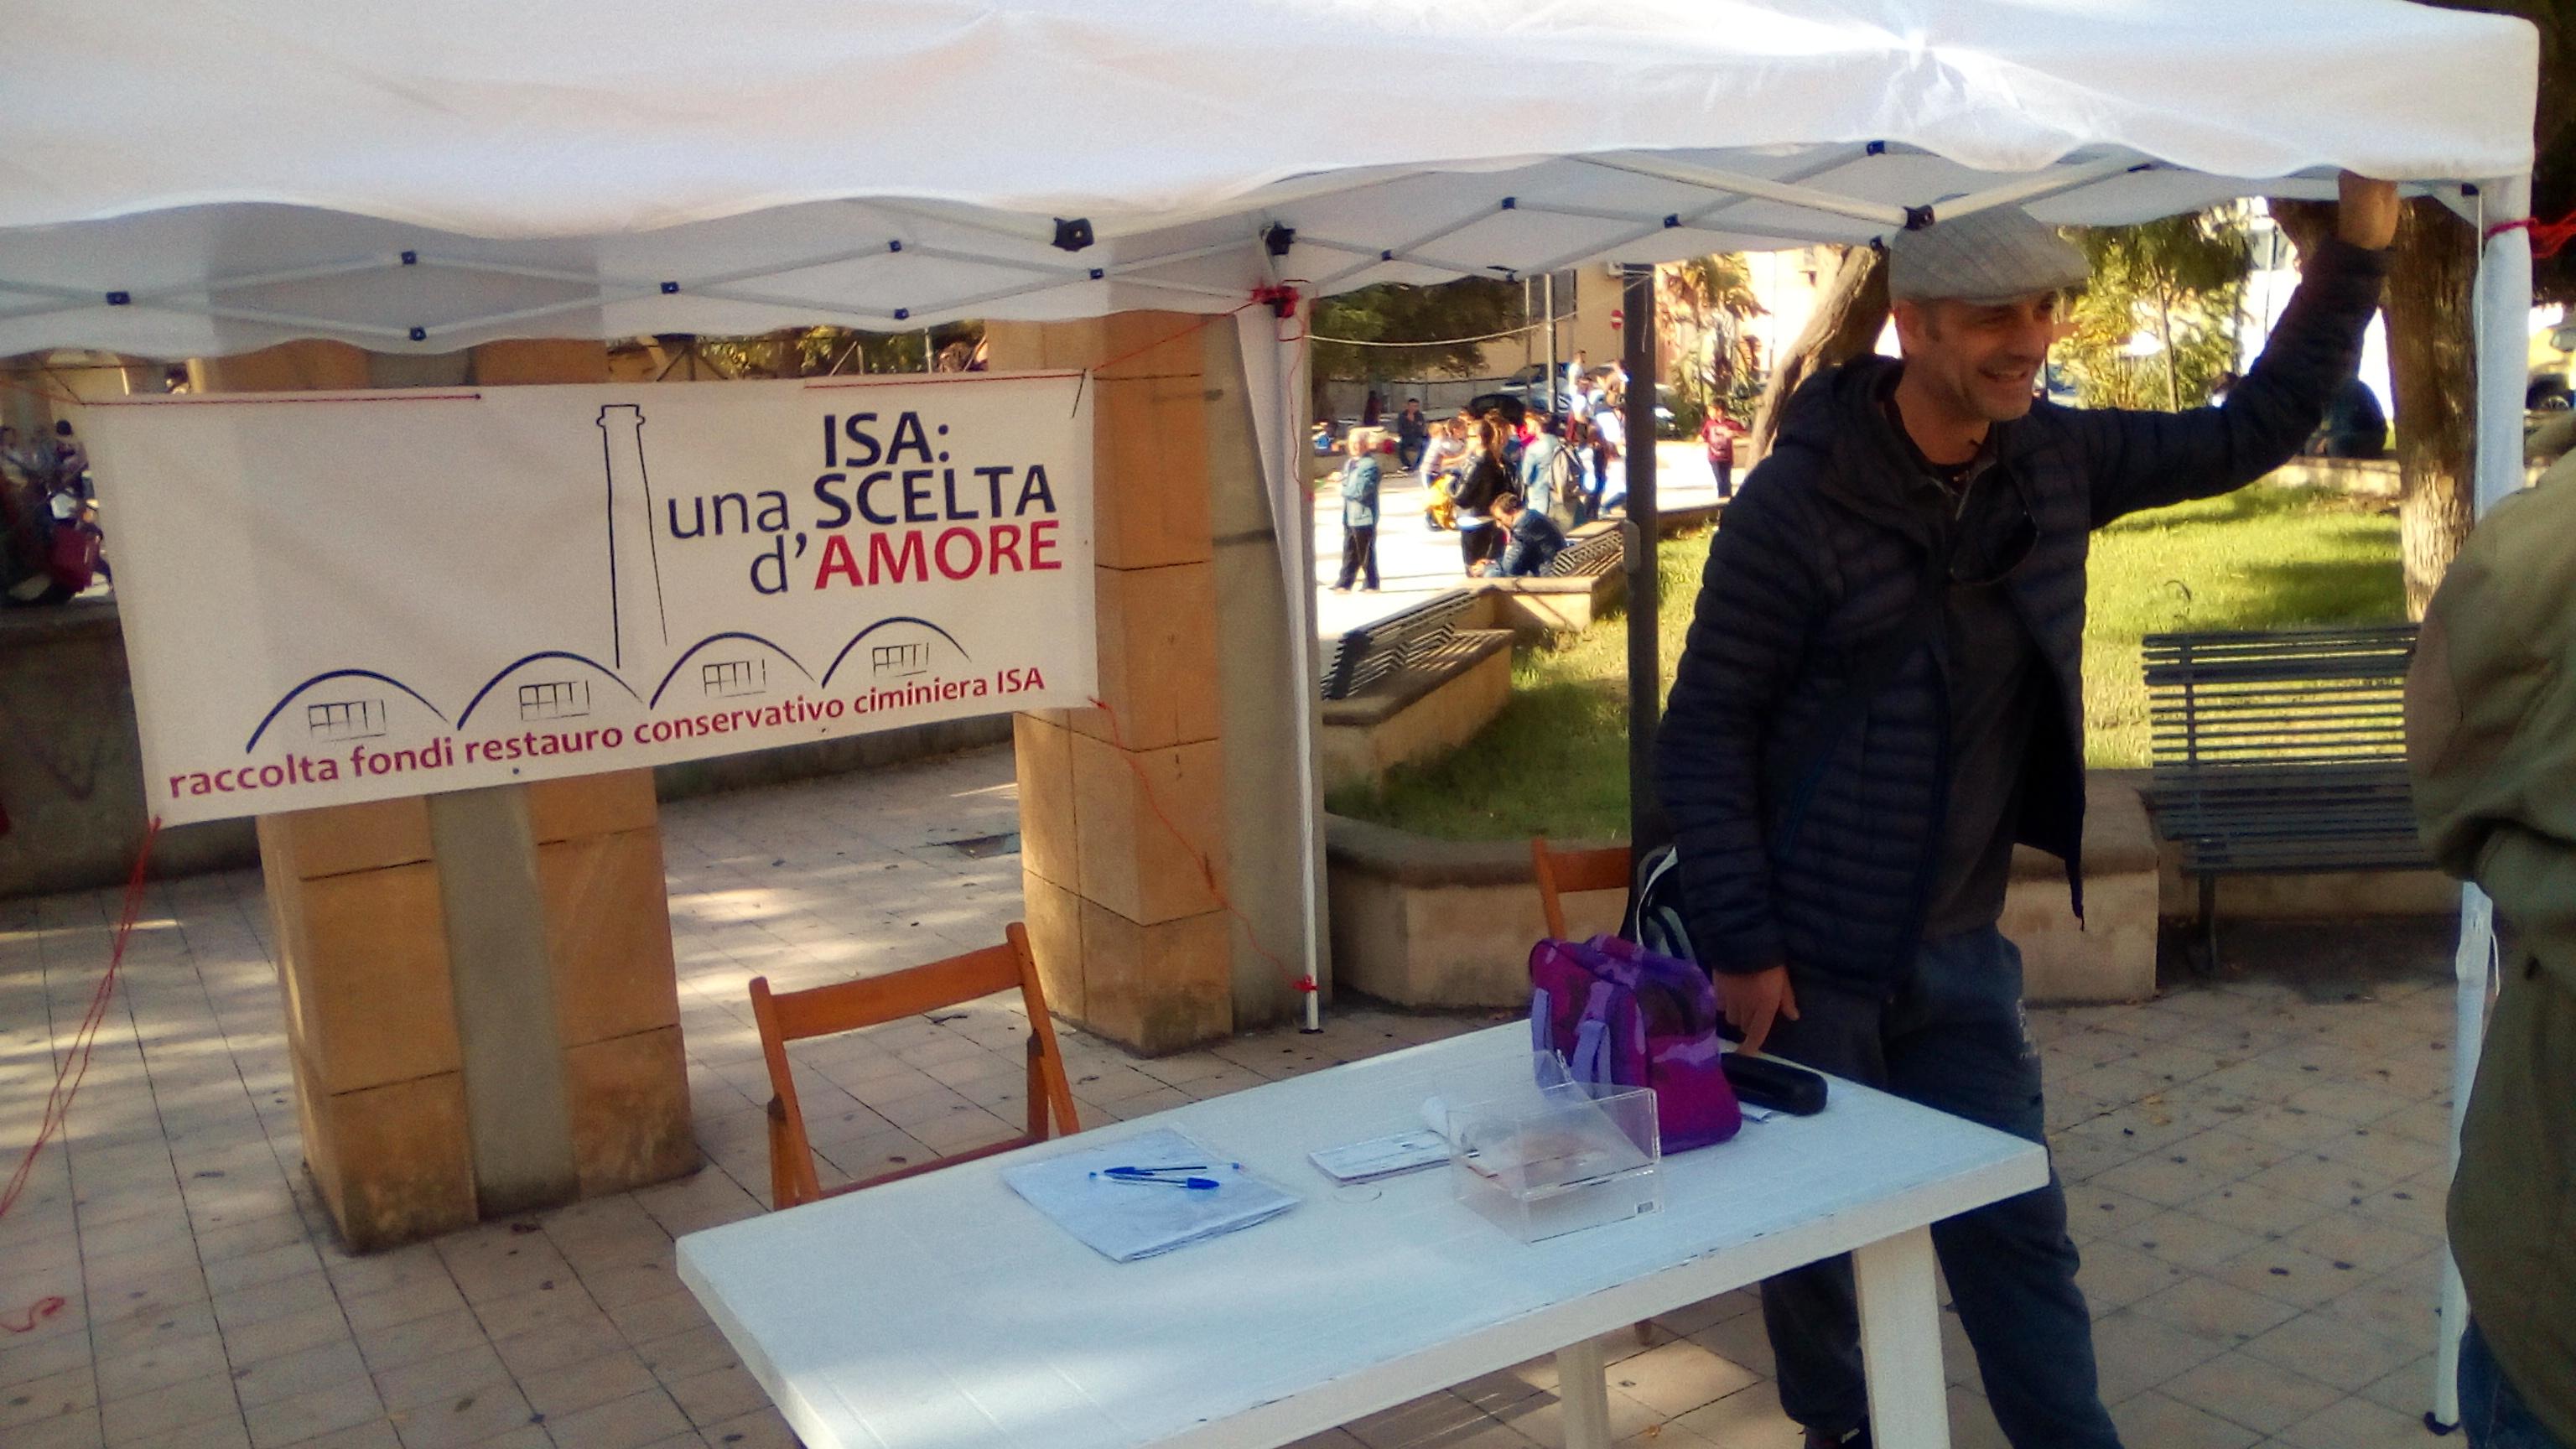 Si e' tenuta anche stamane a Villa San Giovanni (RC), la raccolta fondi per il restauro della ciminiera ISA - Messina Magazine